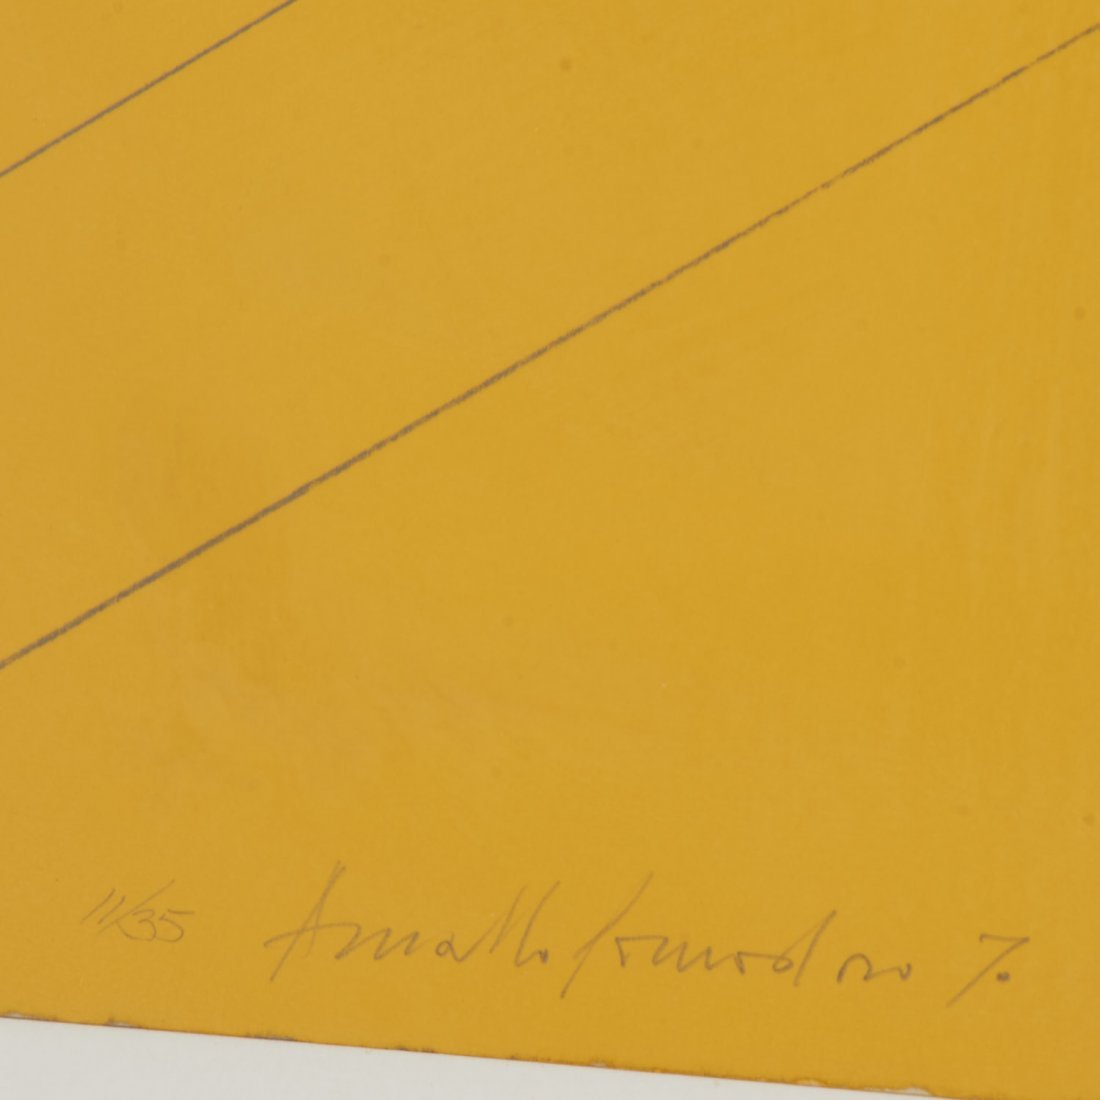 Arnaldo Pomodoro, lithograph - 3